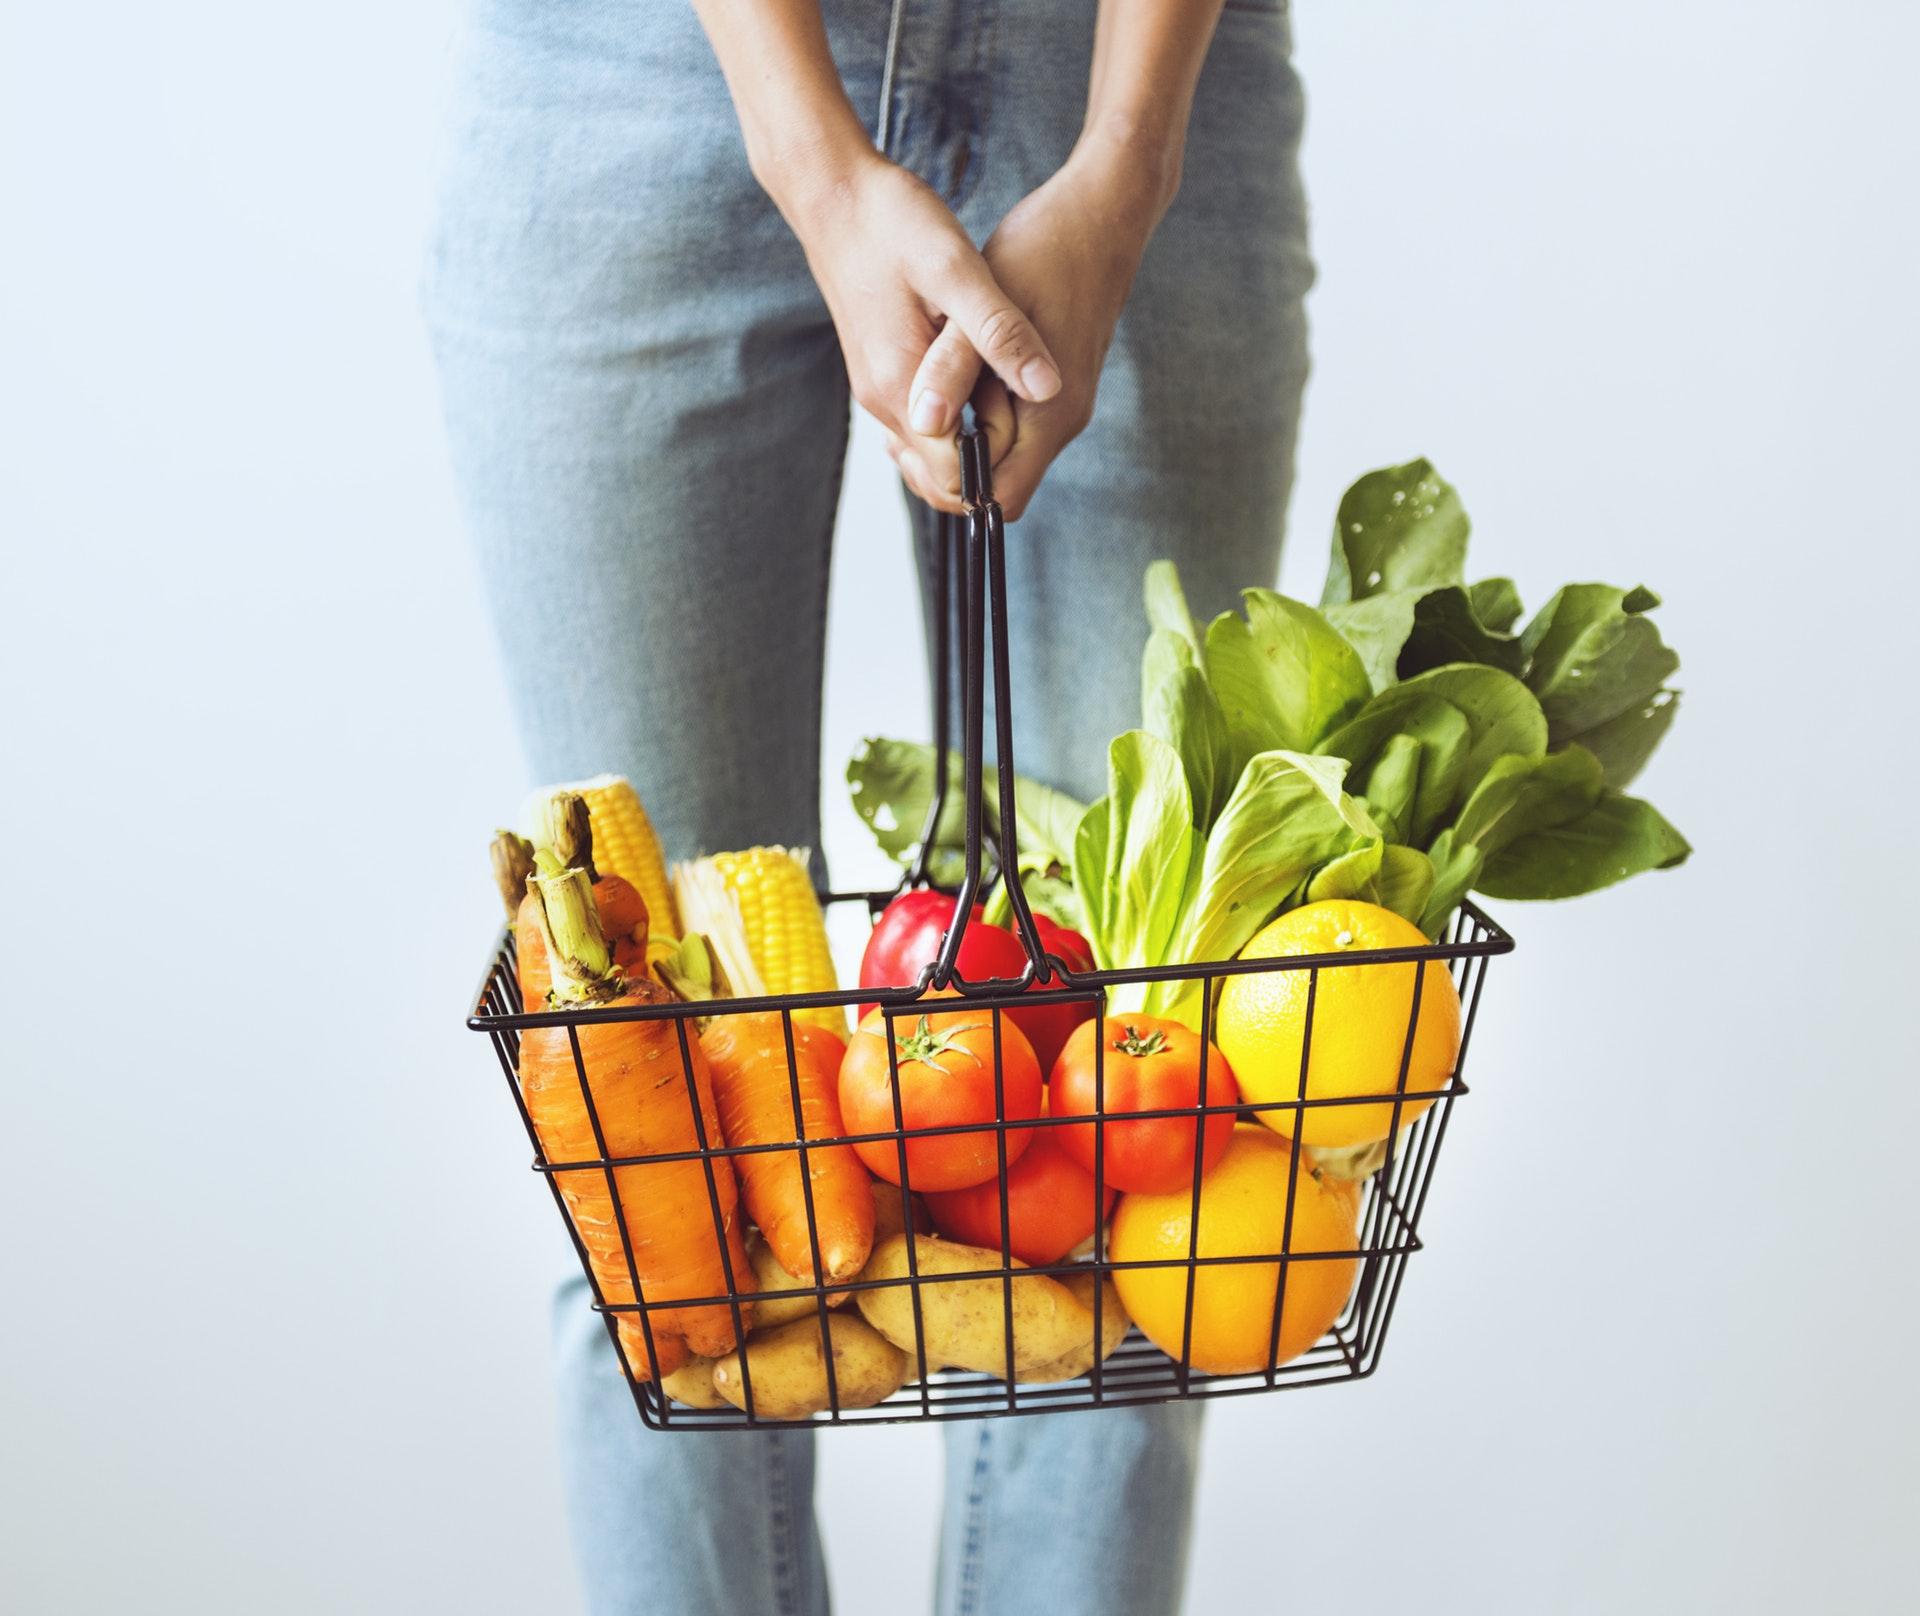 Харчування з розумом: які овочі варто їсти на шляху до схуднення